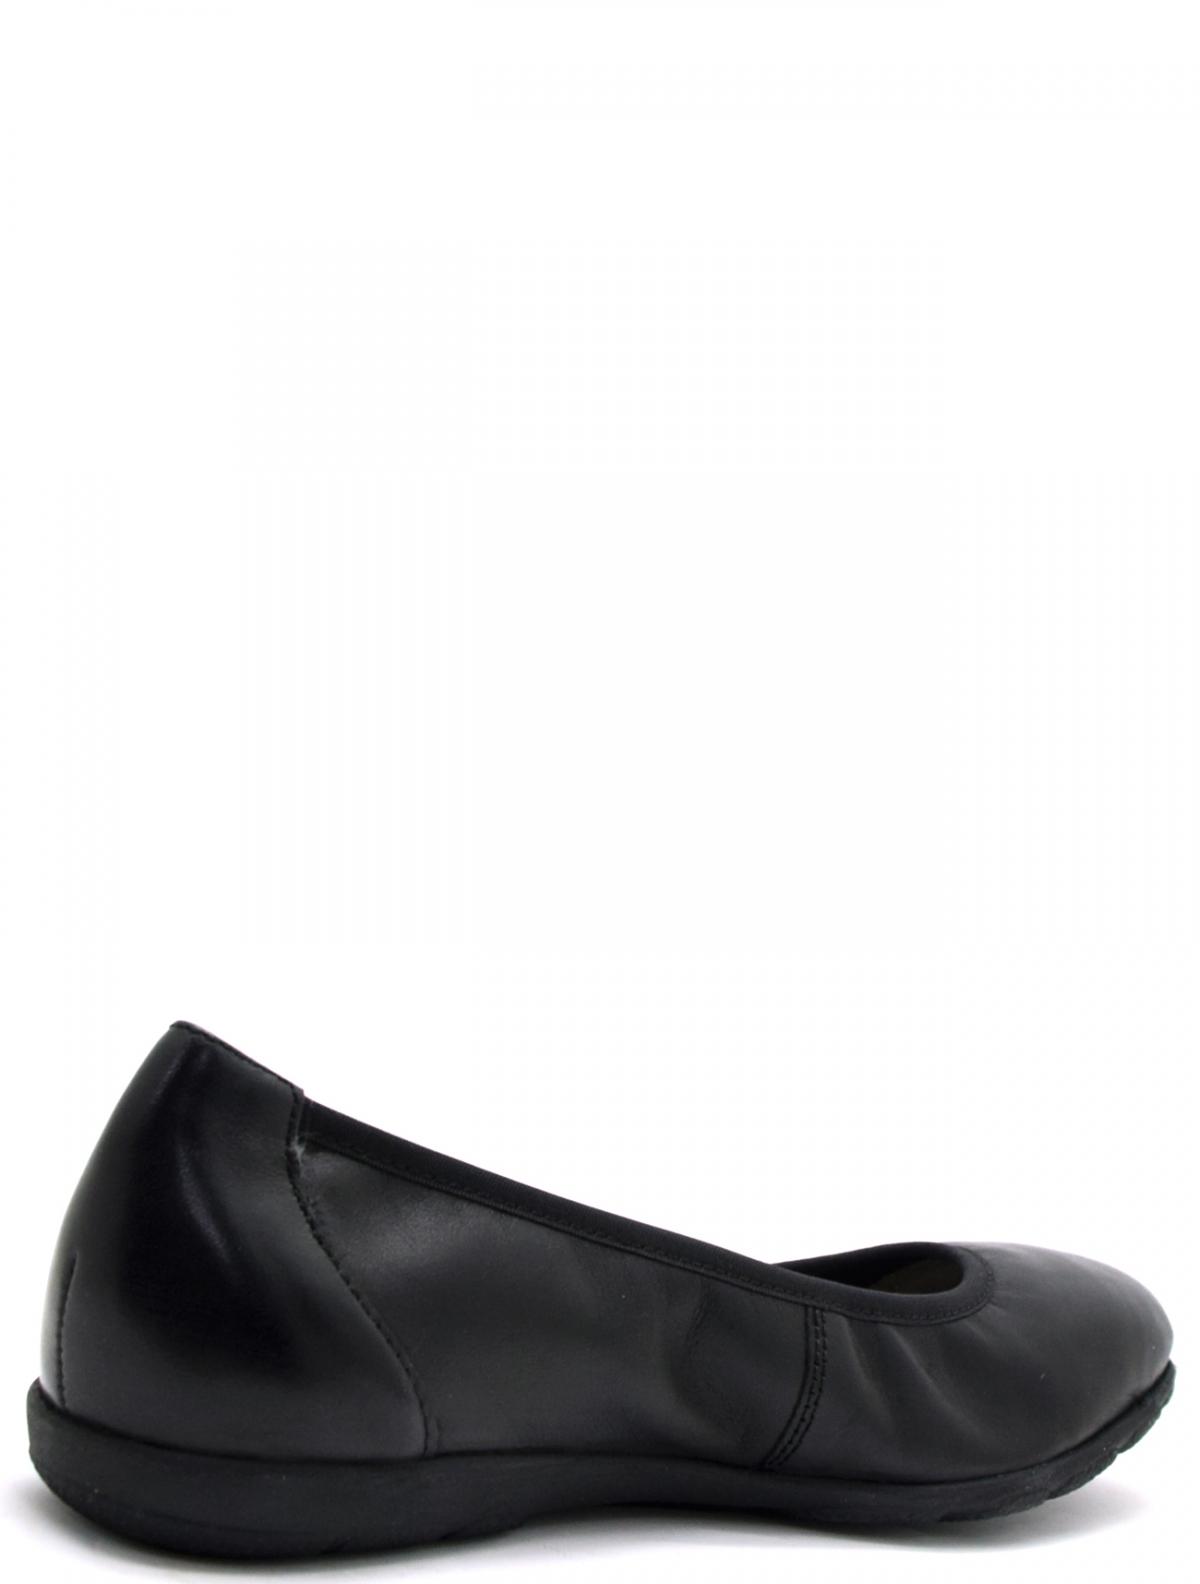 Caprice 9-22150-26-022 женские балетки